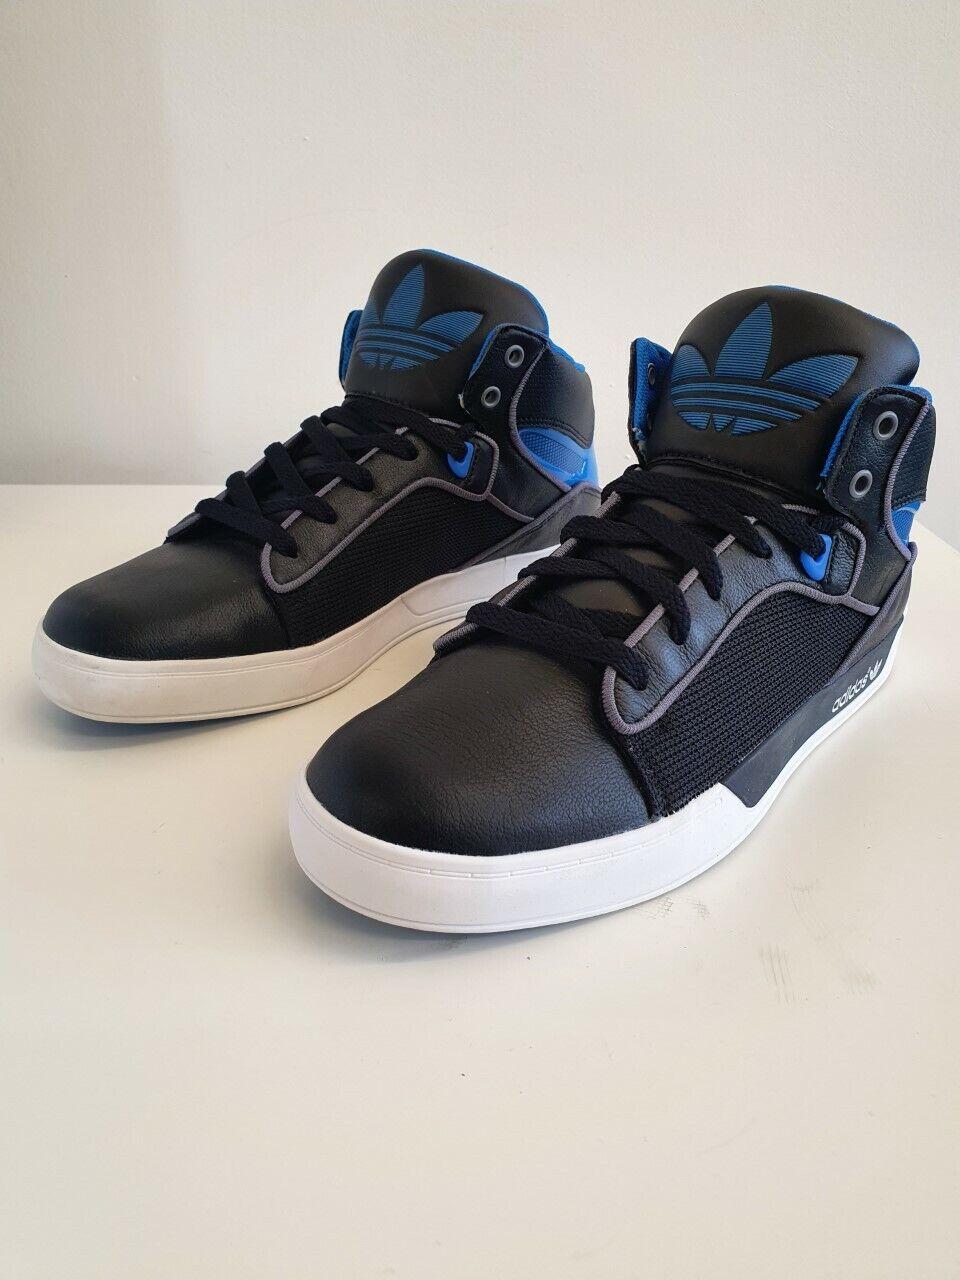 Herren Adidas Original Haltung Vulc Hohe Turnschuhe Schwarz G64293 UK 7 Eu 40.5